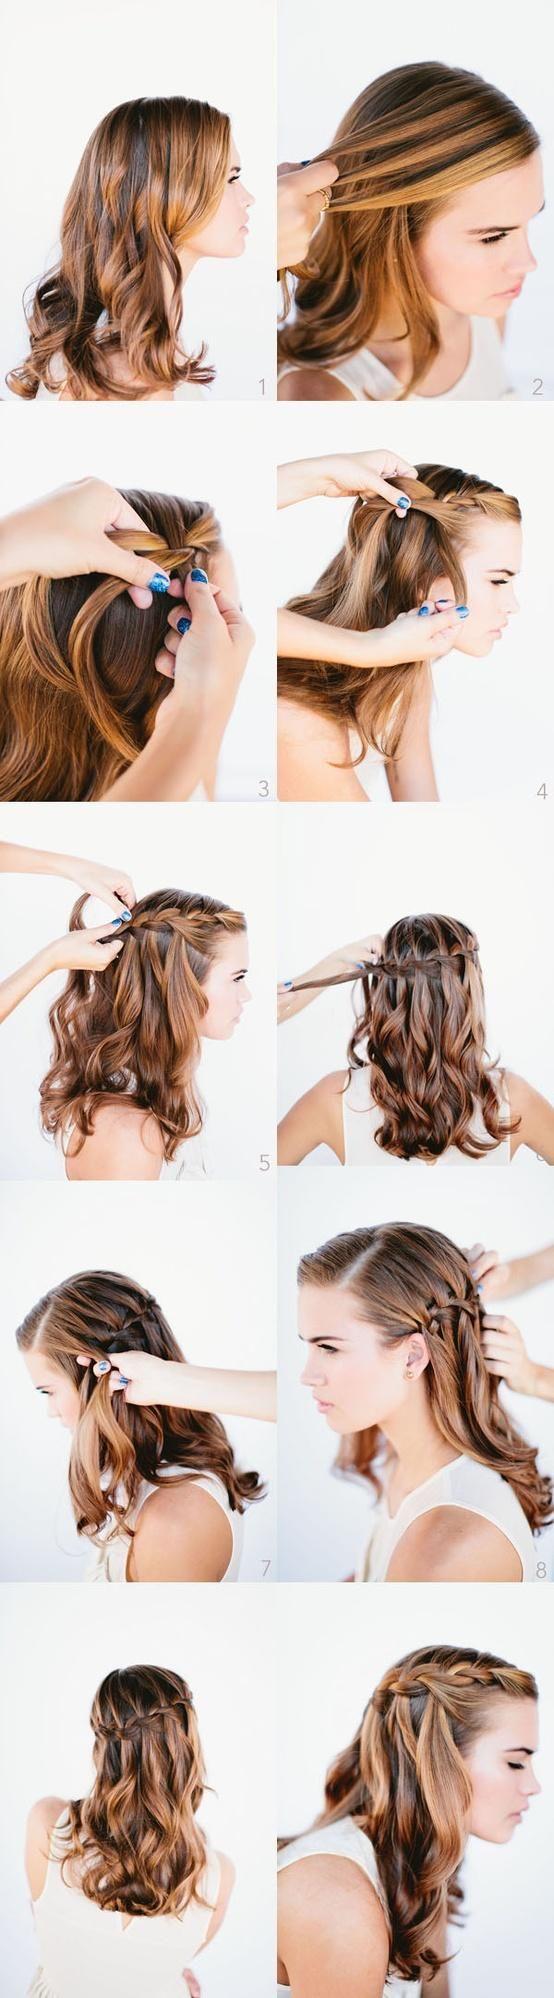 Peinado paso a paso – Hairstyle step by step es.paperblog.com/… – Peinados facile